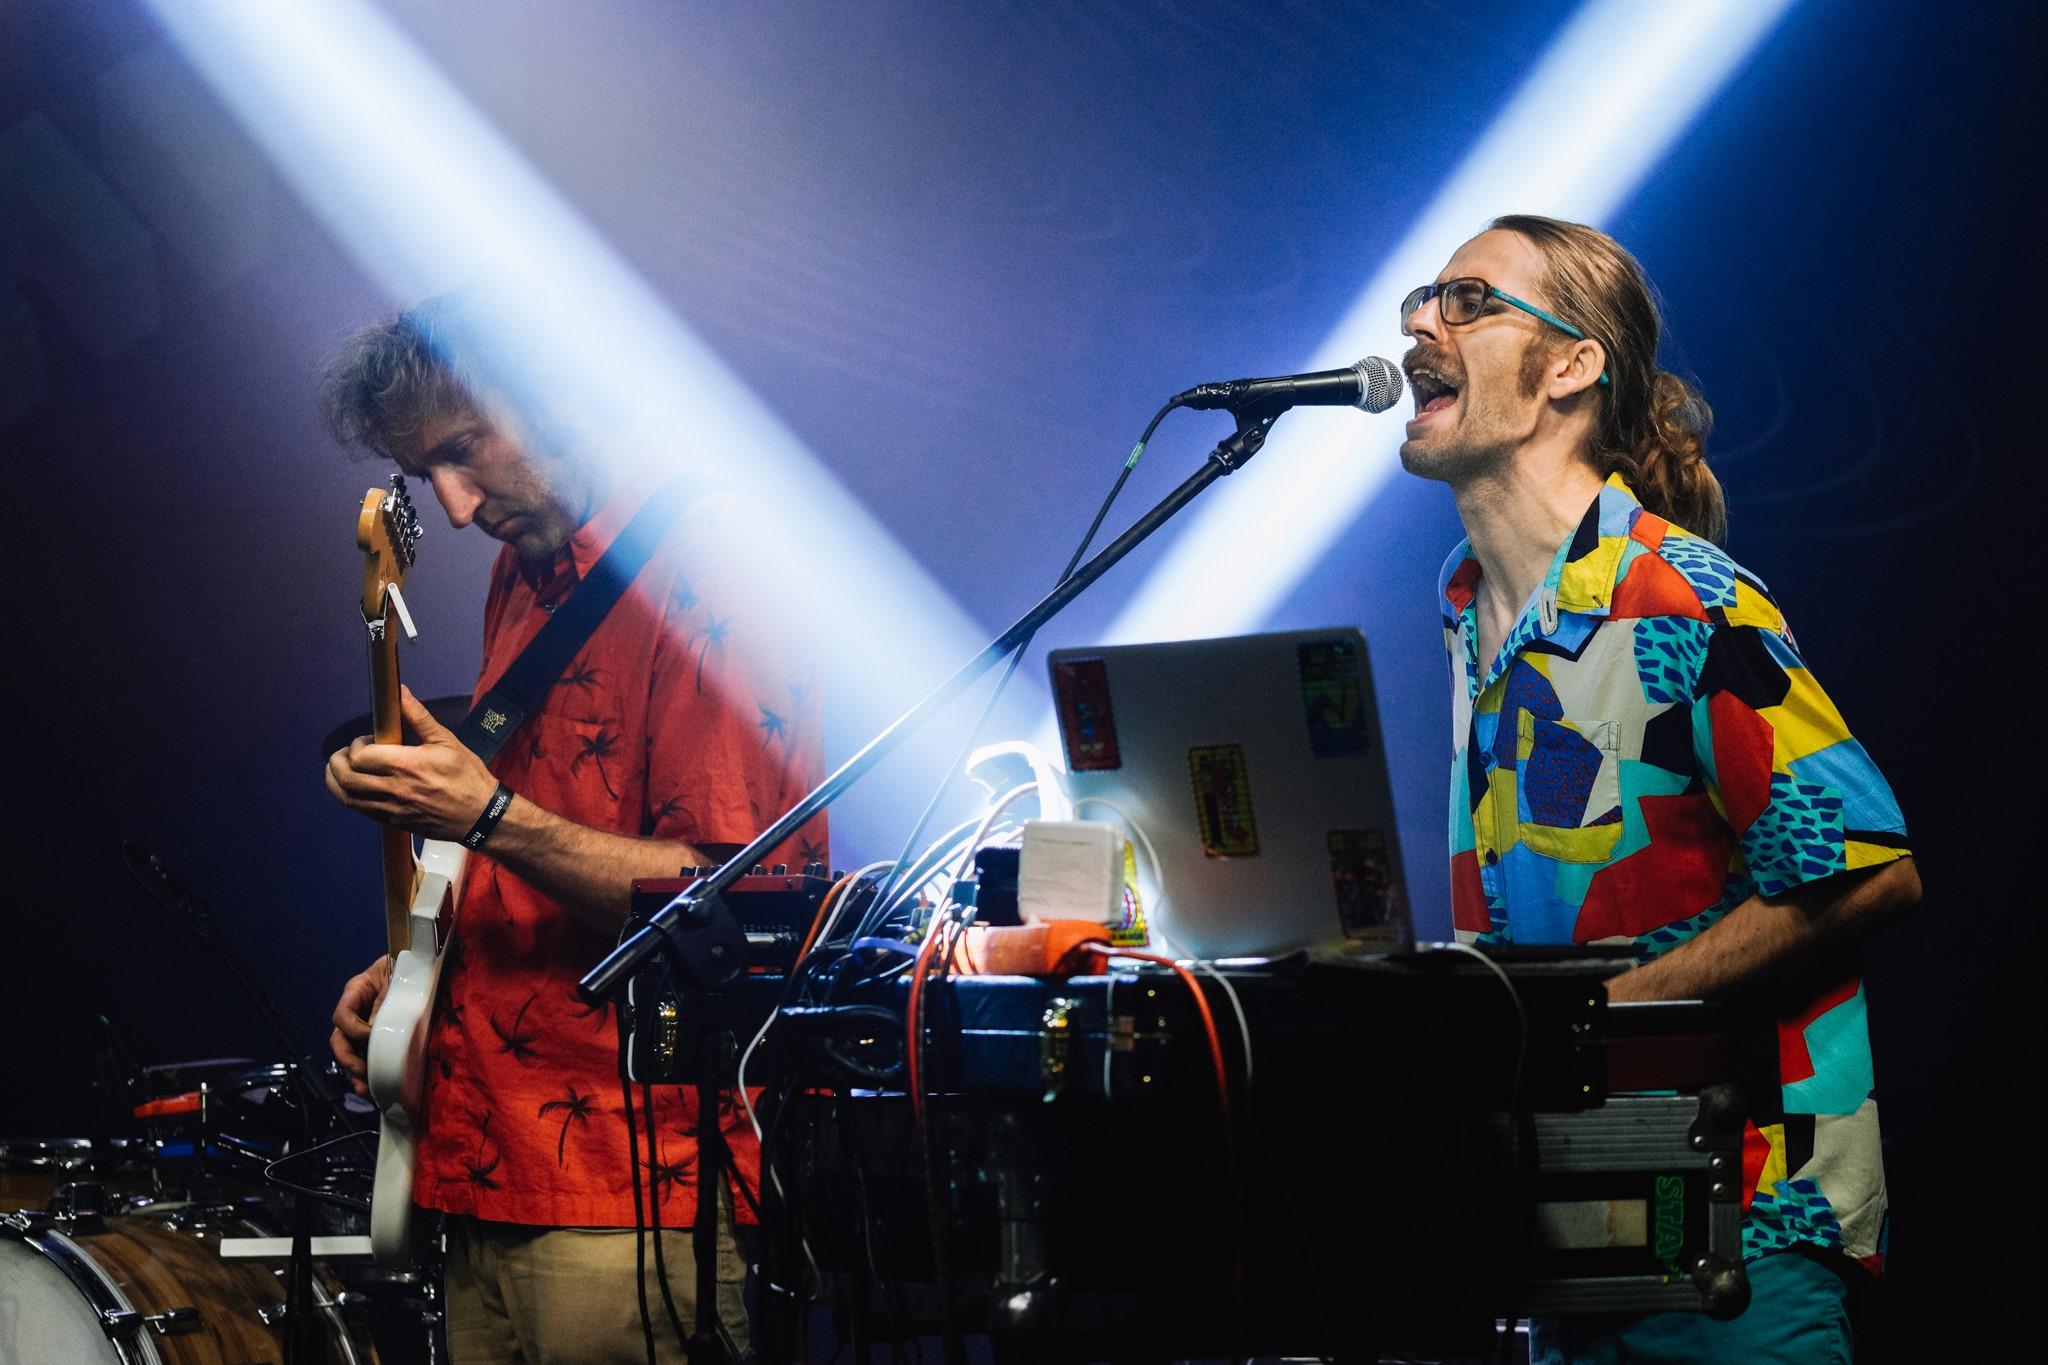 [Zdjęcie z koncertu zespołu Javva. Mężczyzna w długich, związanych włosach, okularach i kolorowej koszuli śpiewa do mikrofonu na statywie. Przed nim stoi mikser oraz otwarty laptop. Po jego prawej stronie mężczyzna ubrany w czerwoną koszulę gra na białej giarze. Panowie oświetleni są niebieskim światłem.]